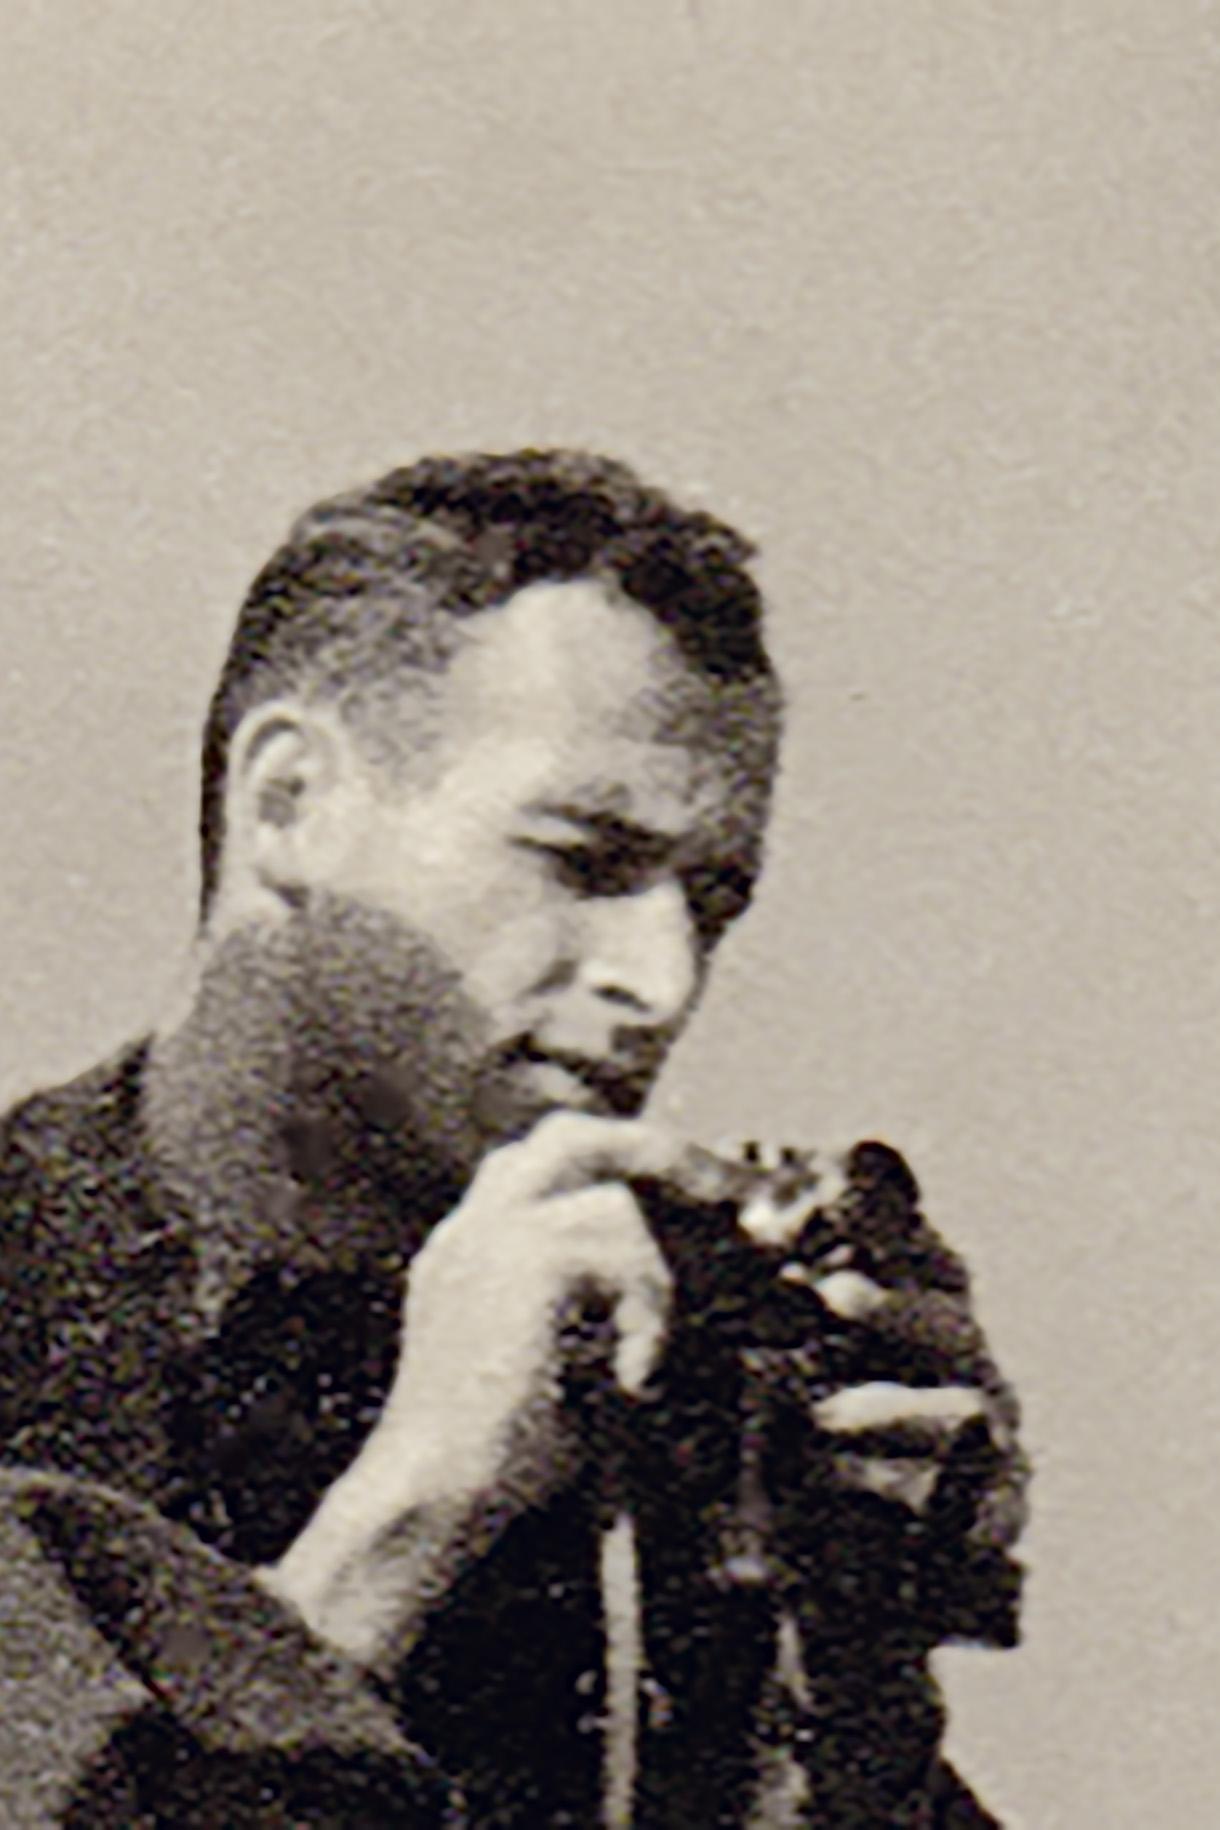 Gerhard Valentin com sua Leica, 1942.